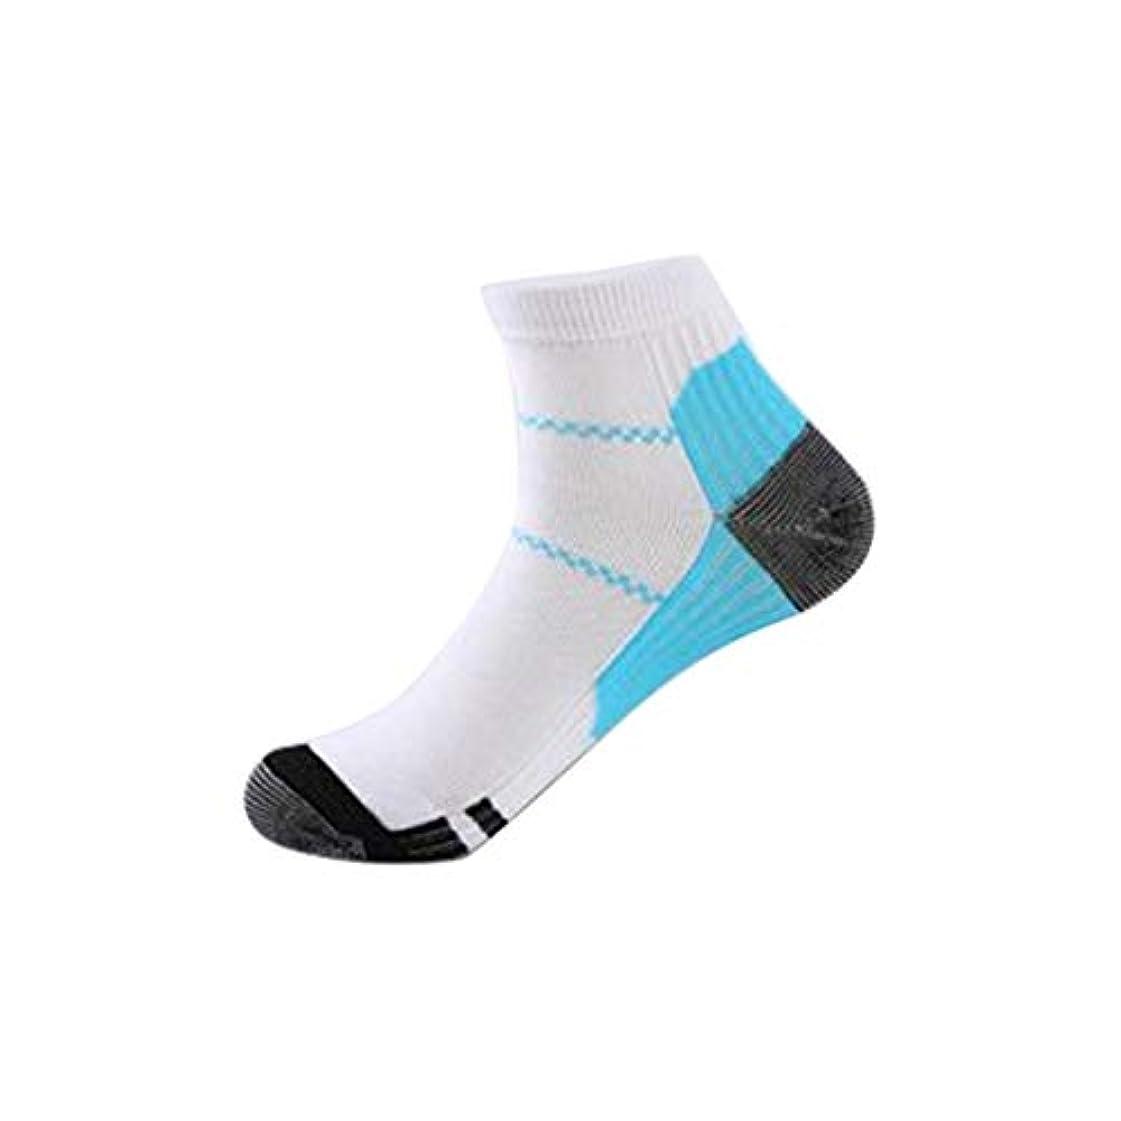 控える繊毛望まない快適な男性女性ファッション短いストレッチ圧縮靴下膝ソックスサポートストレッチ通気性ソックス - ホワイト&ブルーS/M